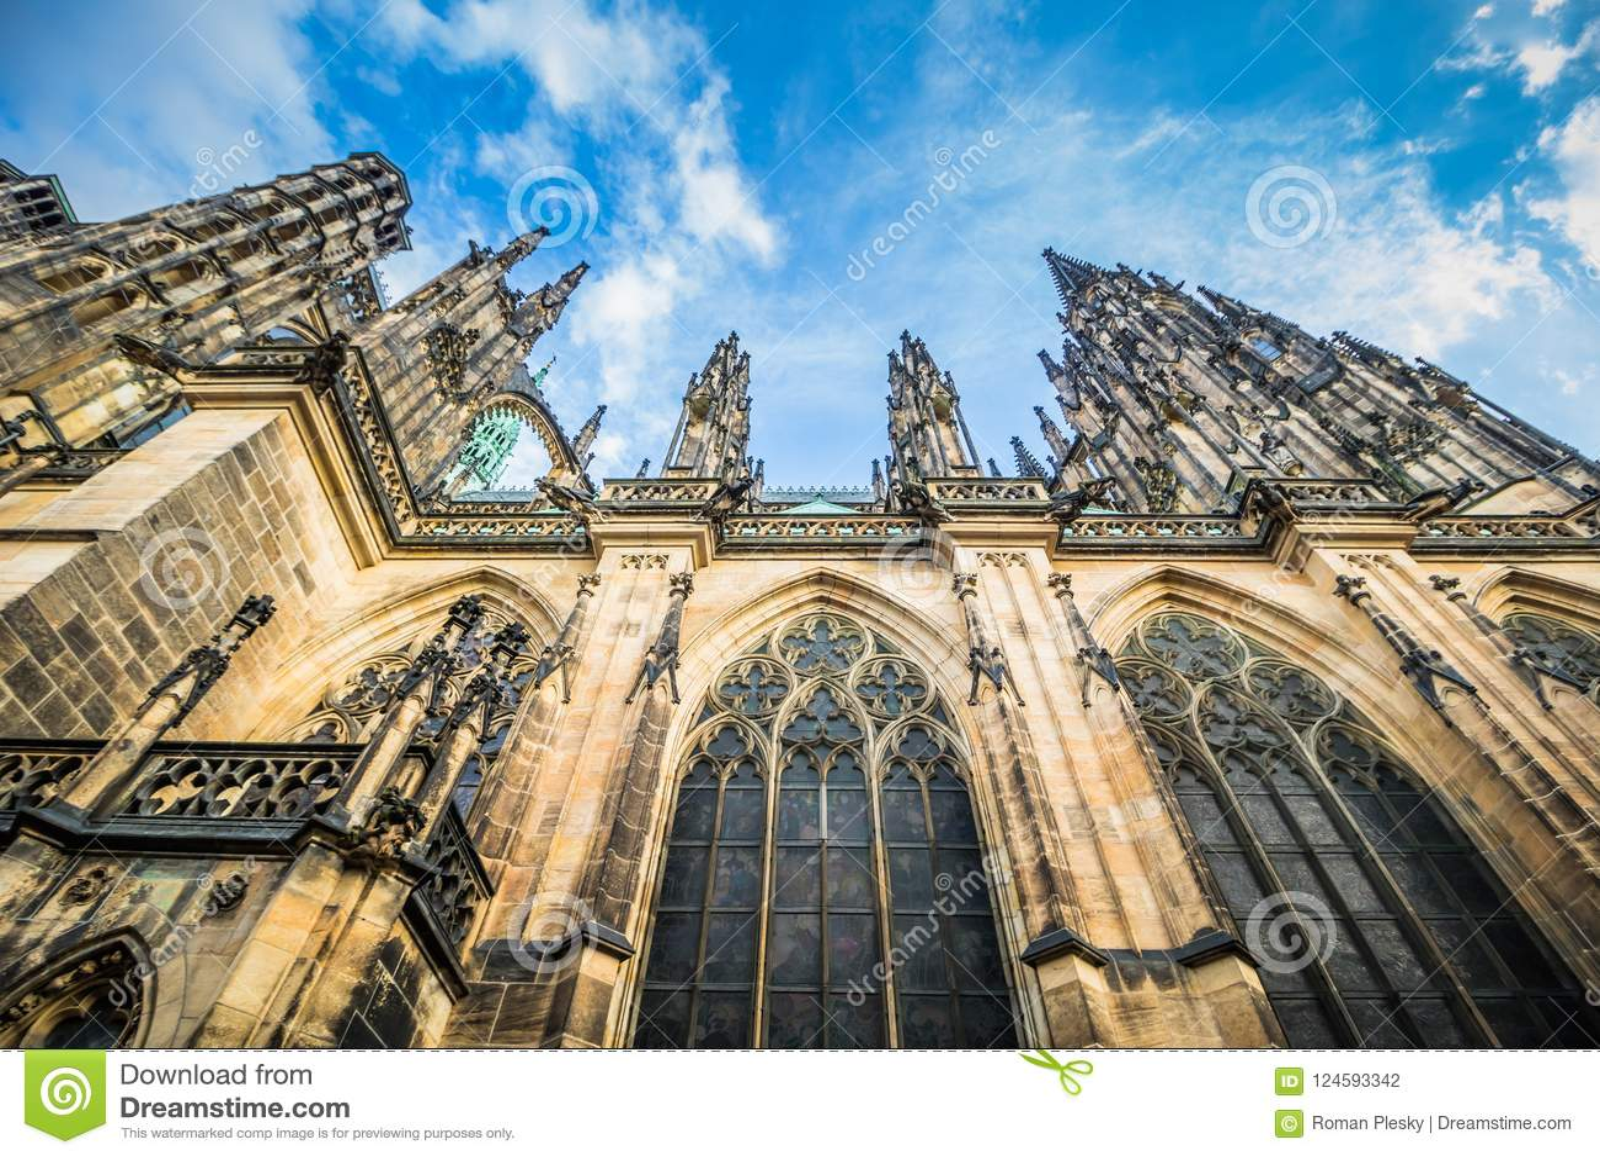 Le St Vitus Cathedral sur le château de Prague en été, République Tchèque